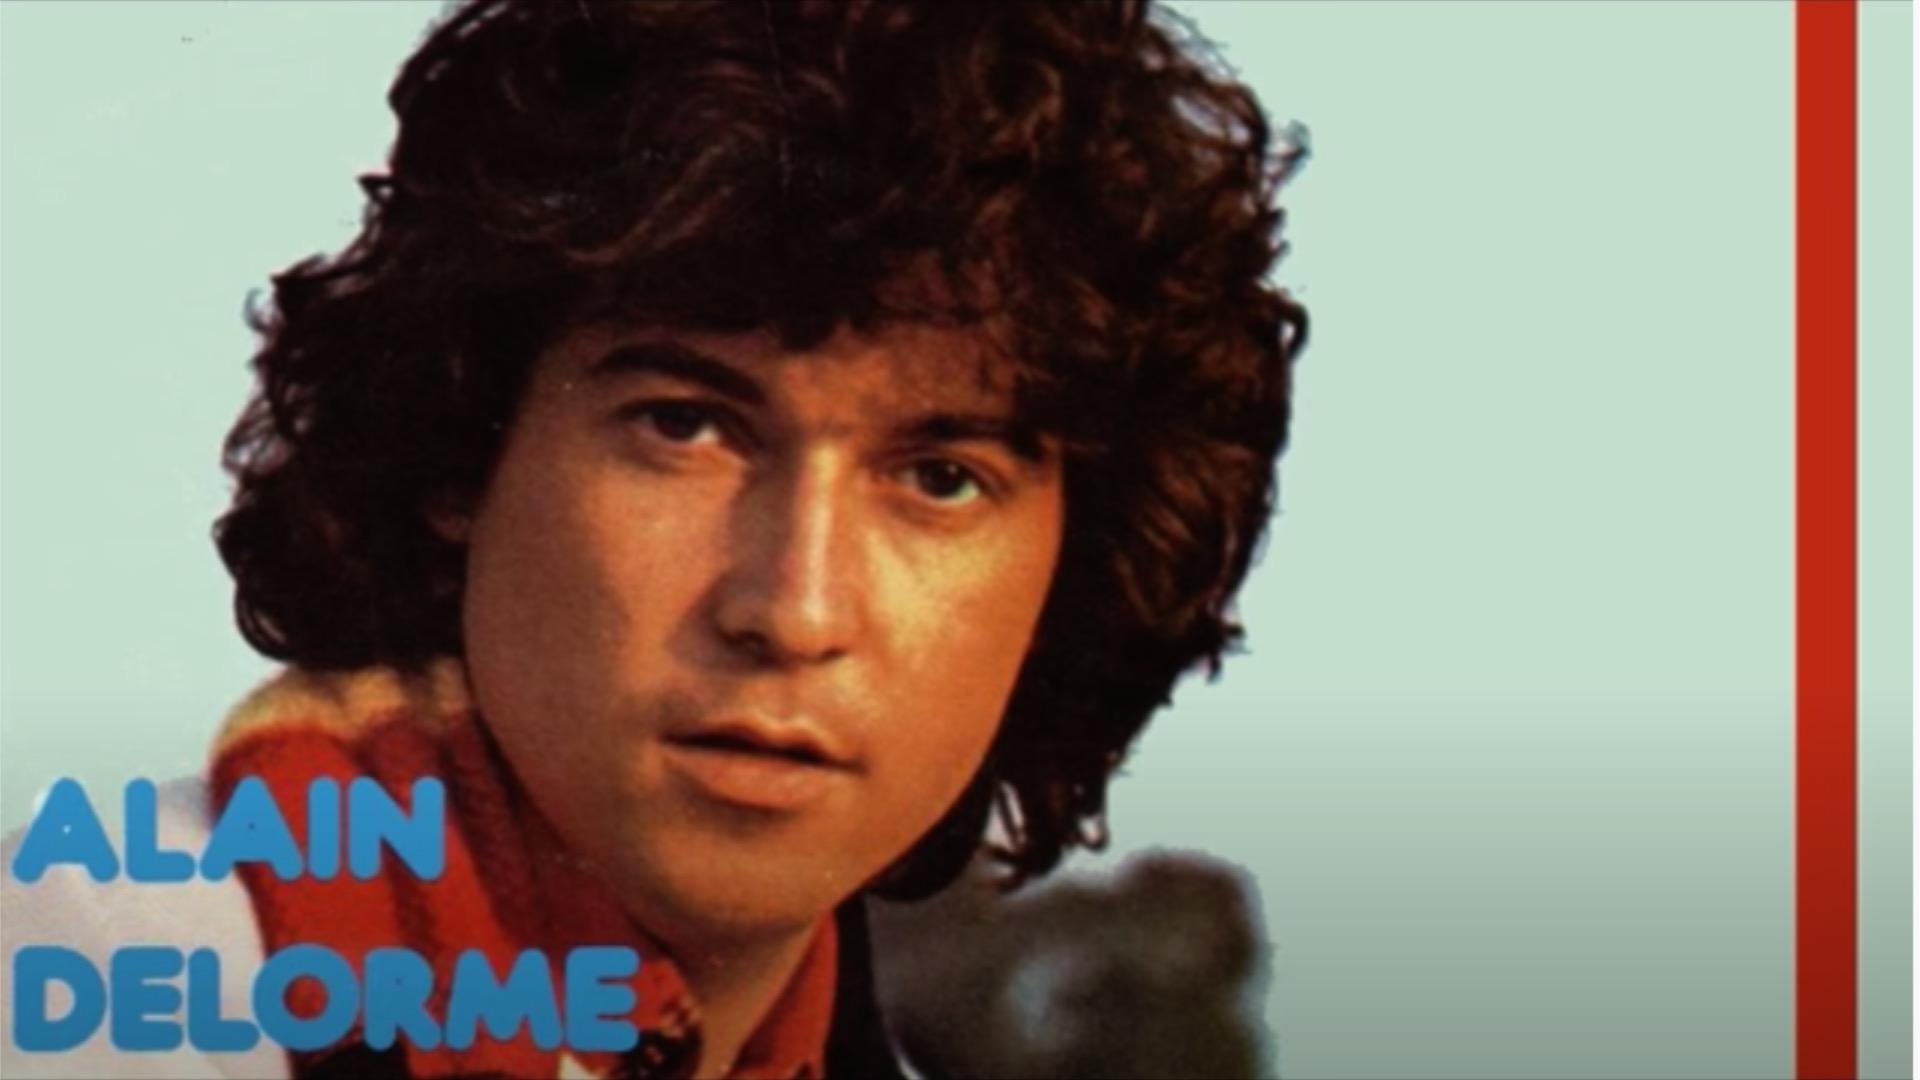 Alain Delorme, le leader du groupe Crazy Horse, est décédé — RIP